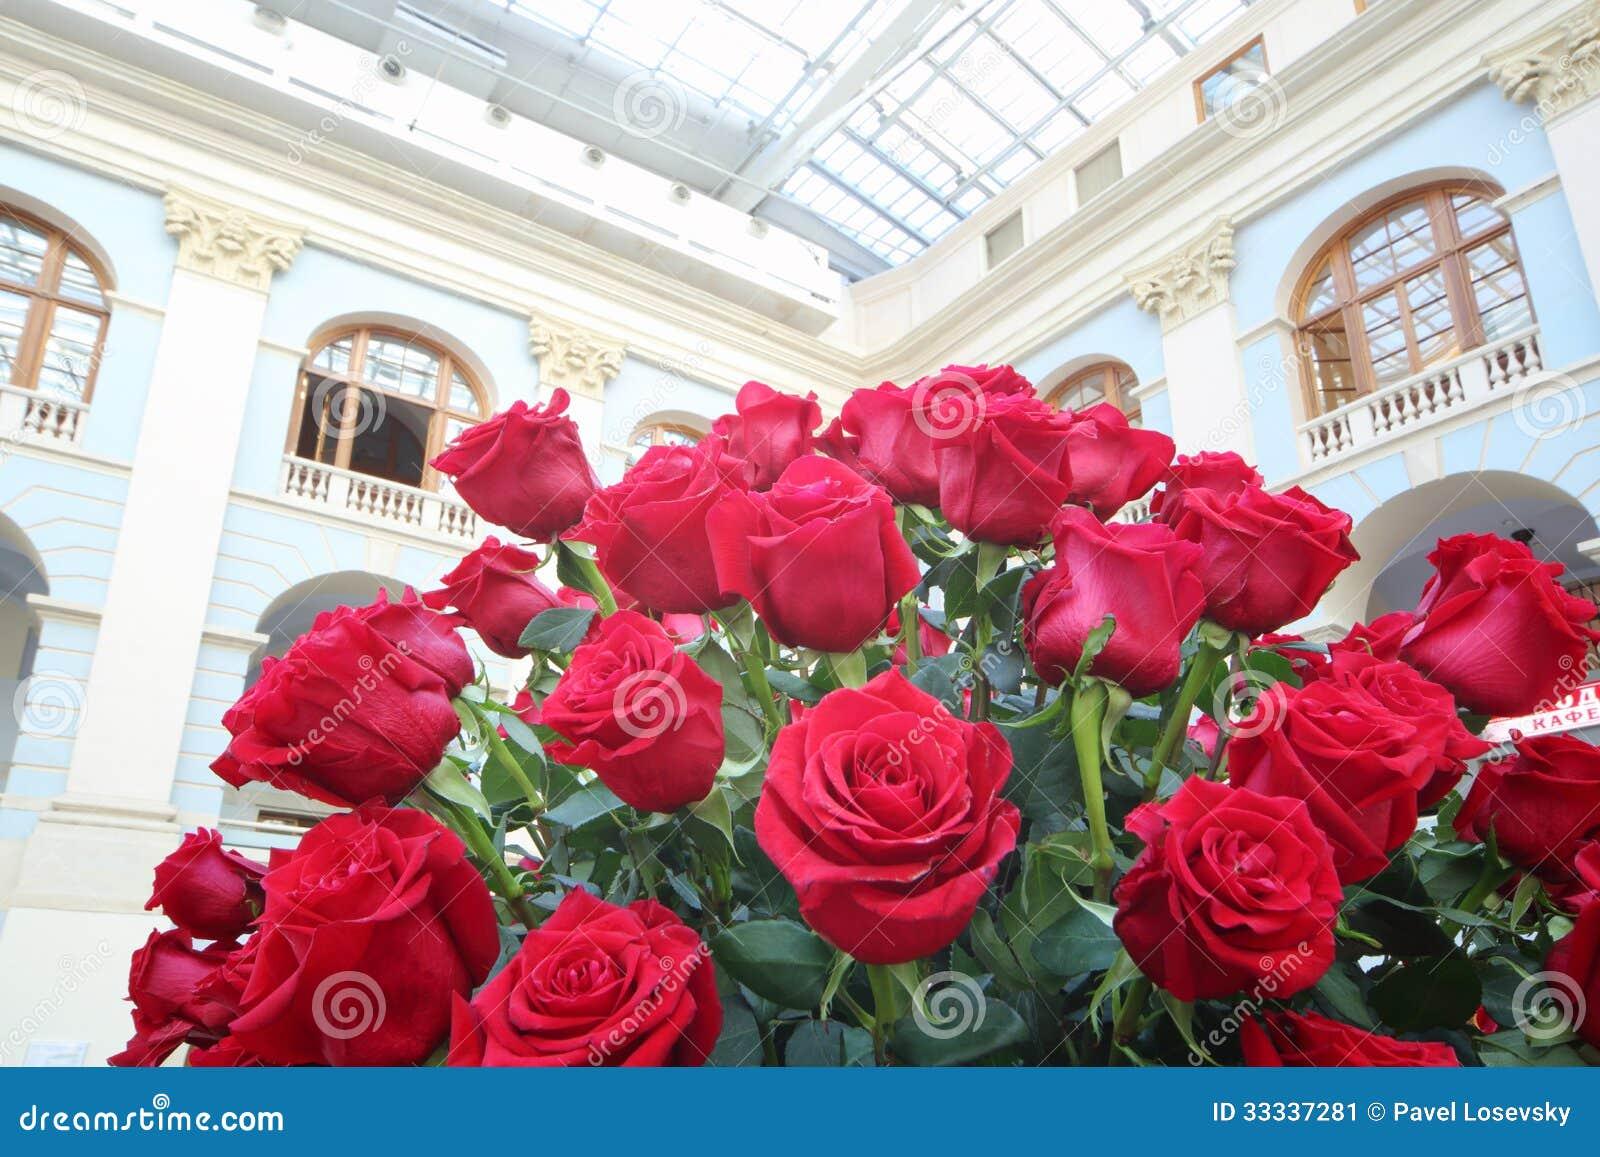 Ramo brillante grande de rosas rojas en pasillo imagen de - Ramos de flores grandes ...